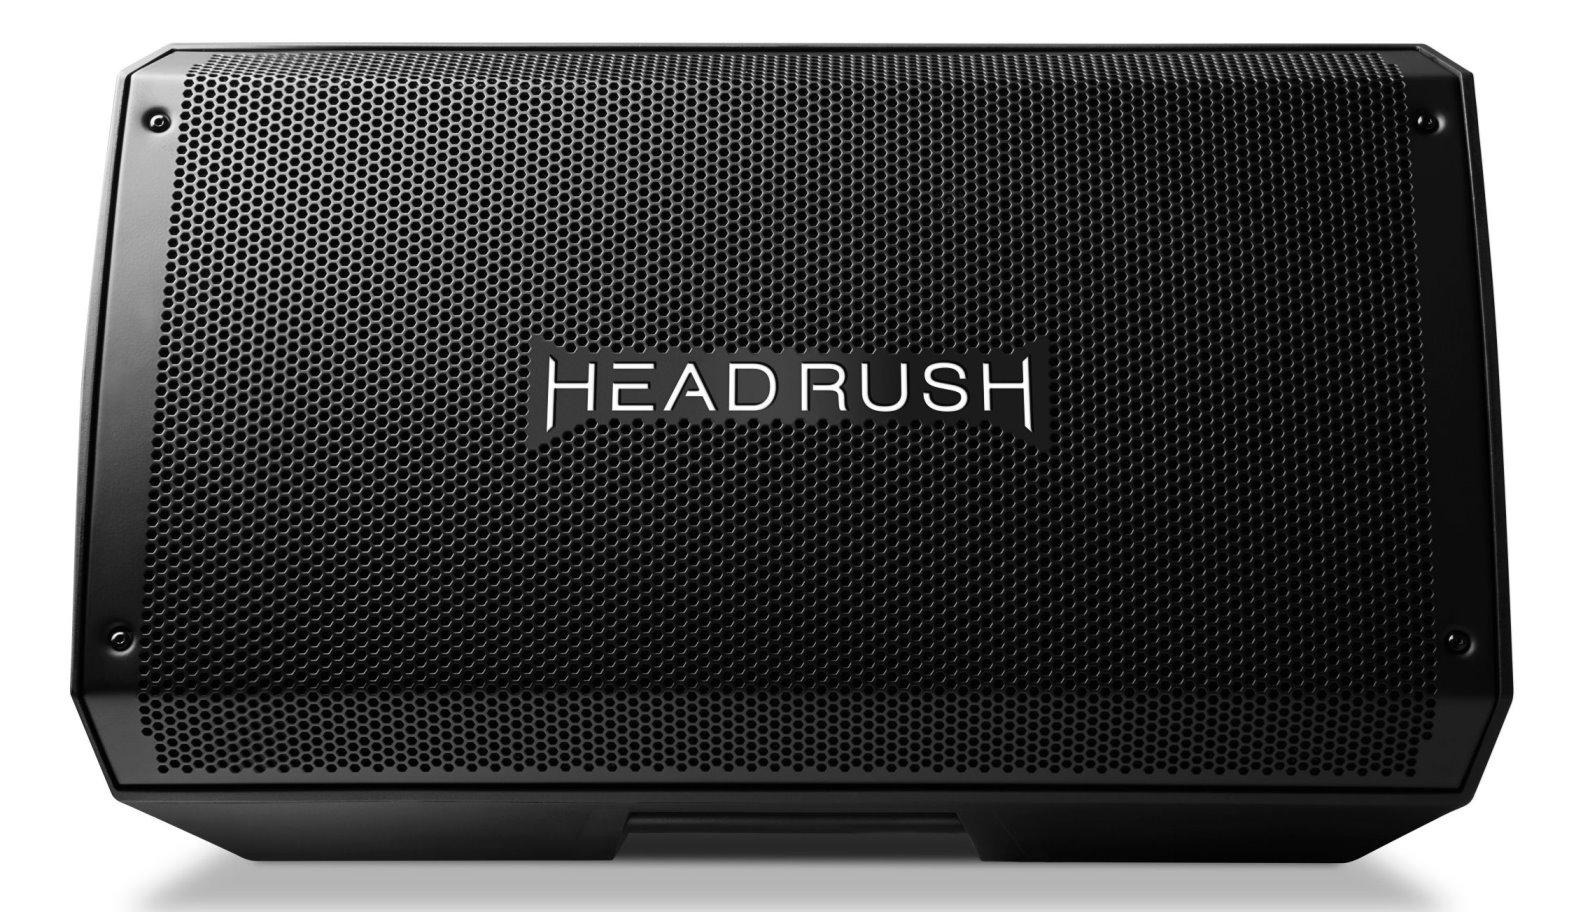 Мониторная система для моделирующих процессоров эффектов HeadRush FRFR112